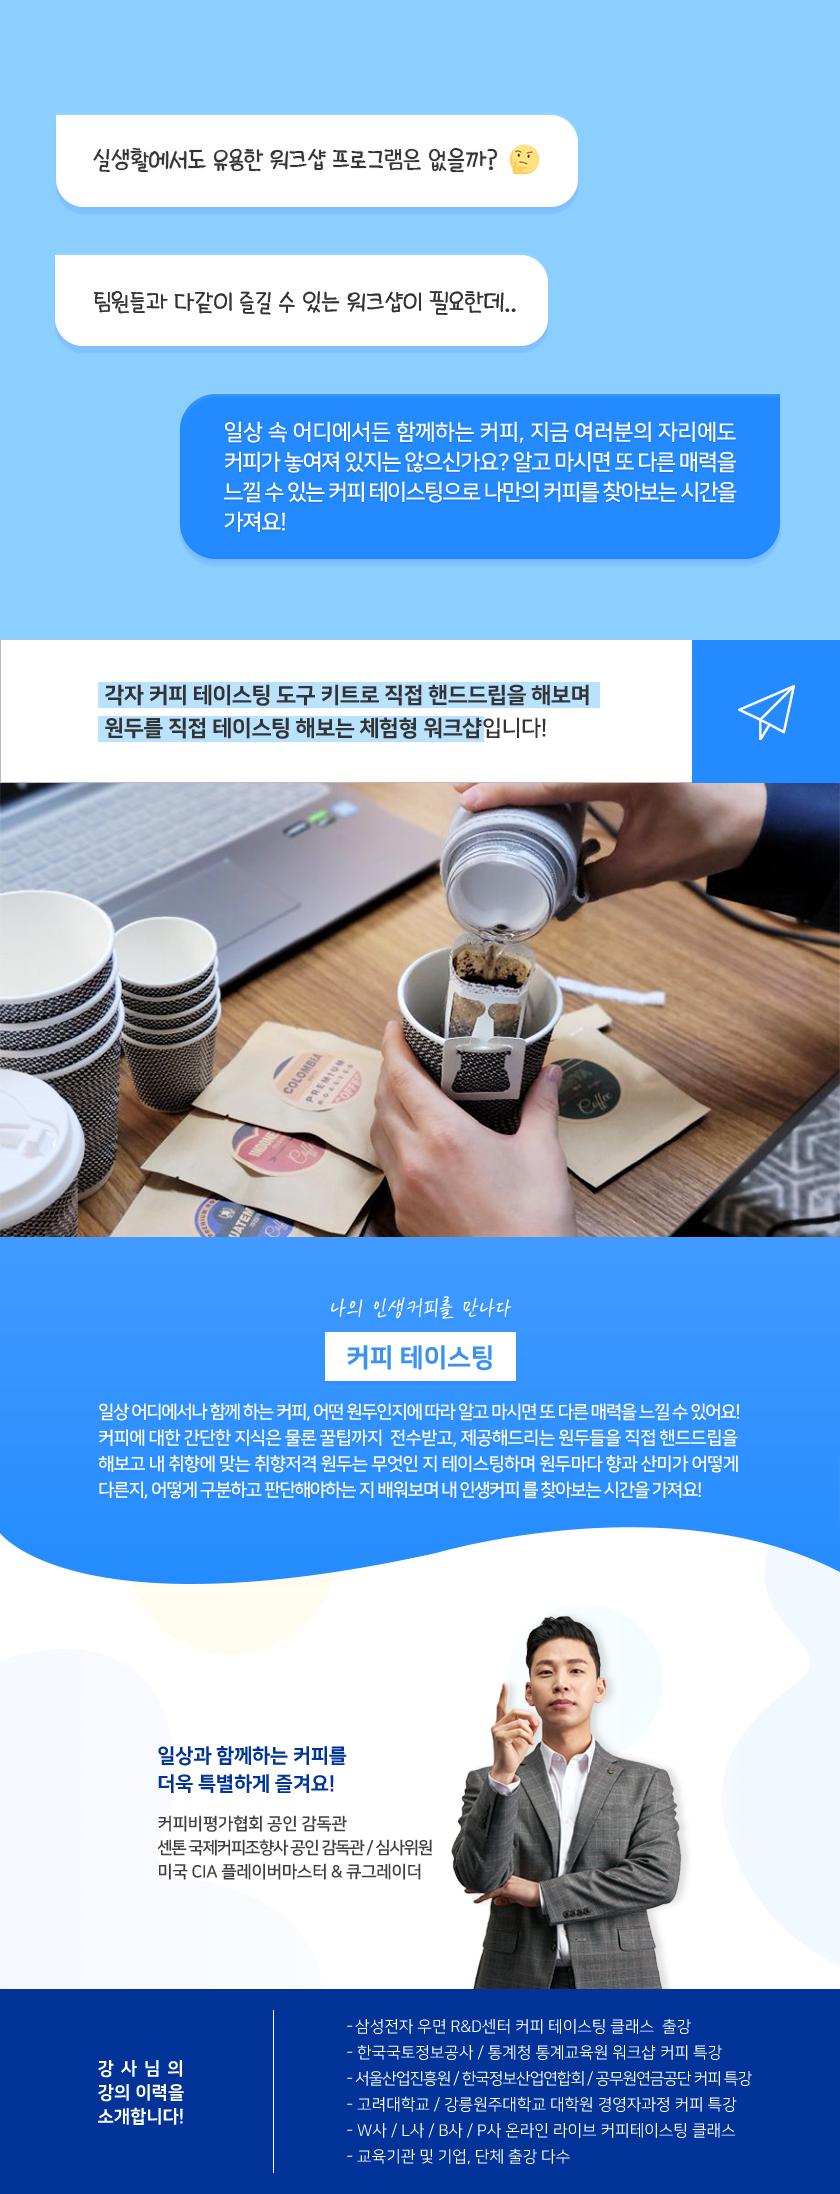 커피 테이스팅 LIVE 상세소개 | 이너트립